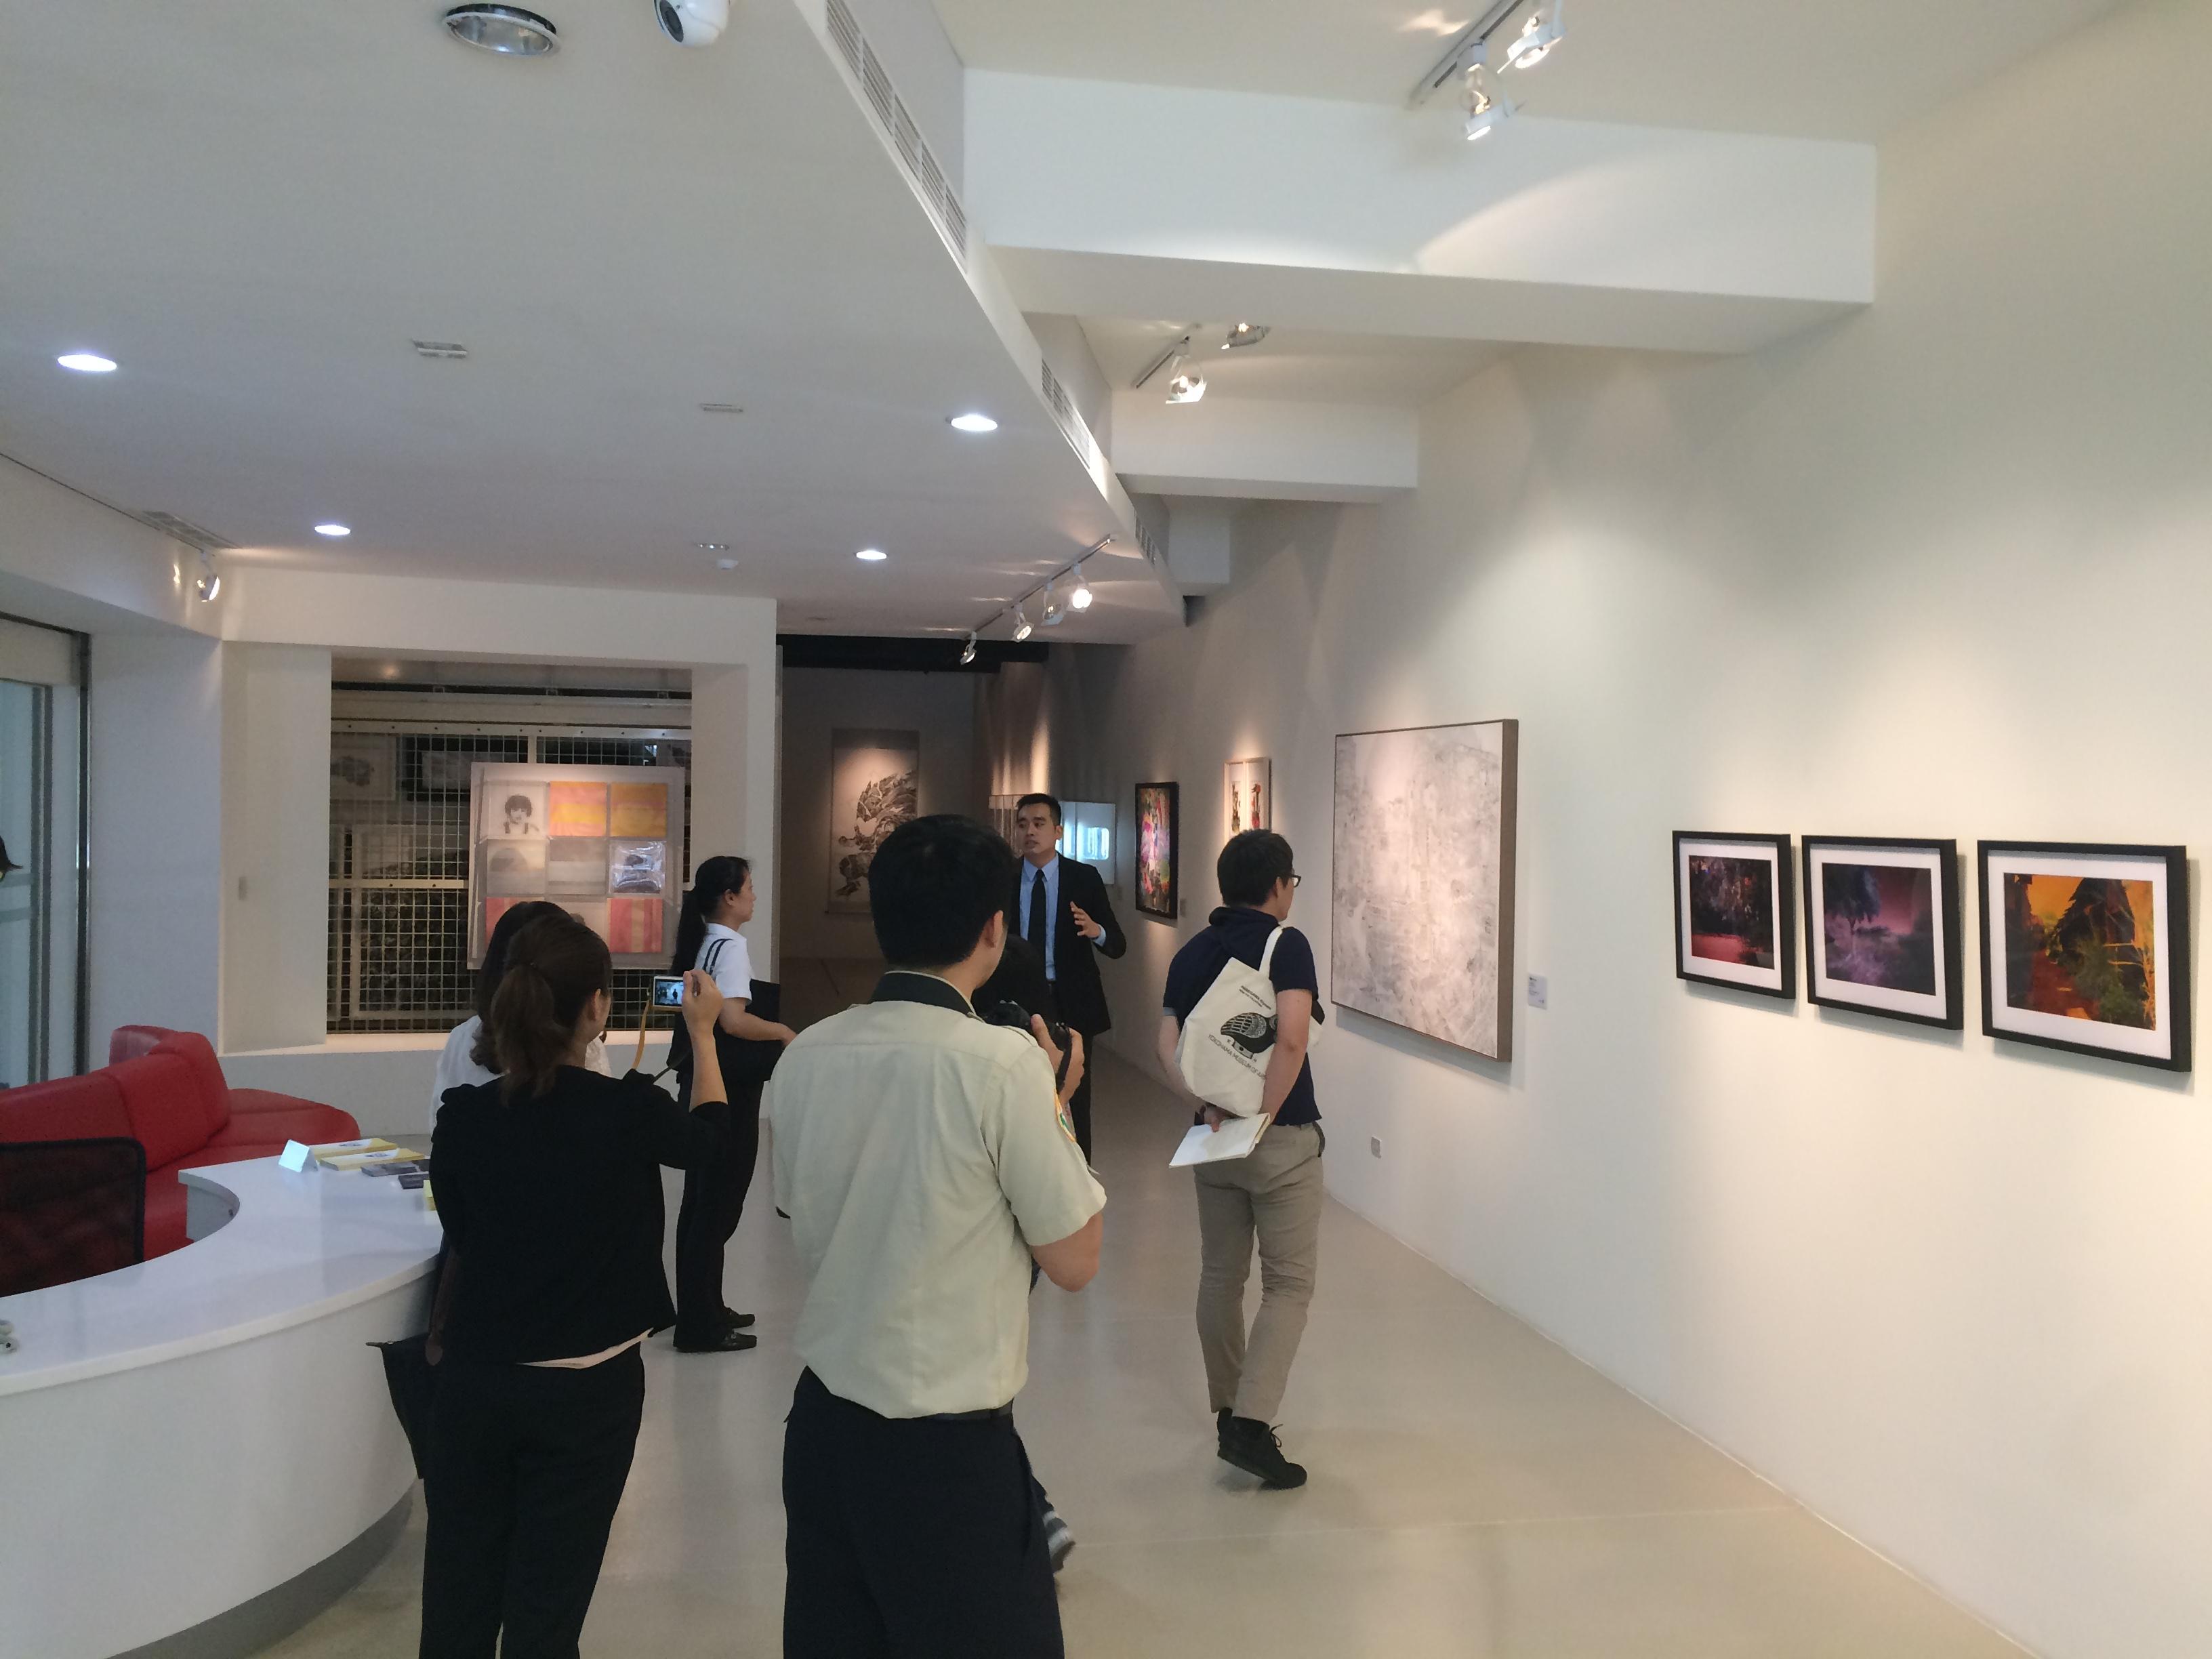 アートバンク(藝術銀行)内の展示スペース。ここで、レンタル用の作品のプレゼンテーションが行われる。